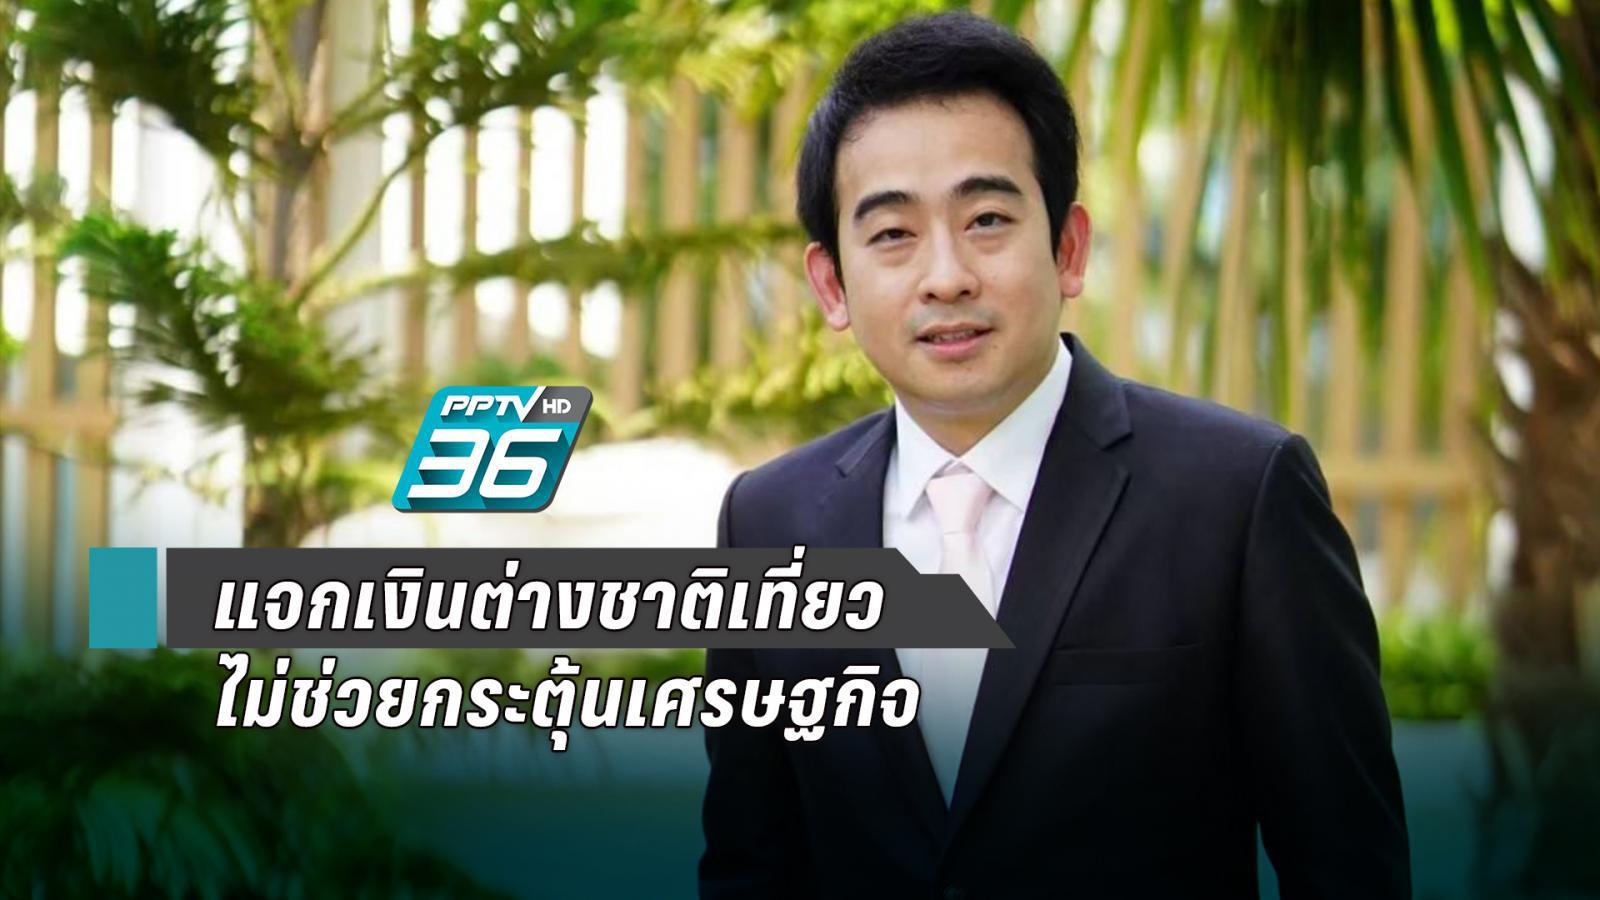 """""""เพื่อไทย"""" ซัด """"ชิม ช้อป ใช้ อินเตอร์"""" คิดเยอะๆก่อนเอาภาษีปชช.มาแจก"""